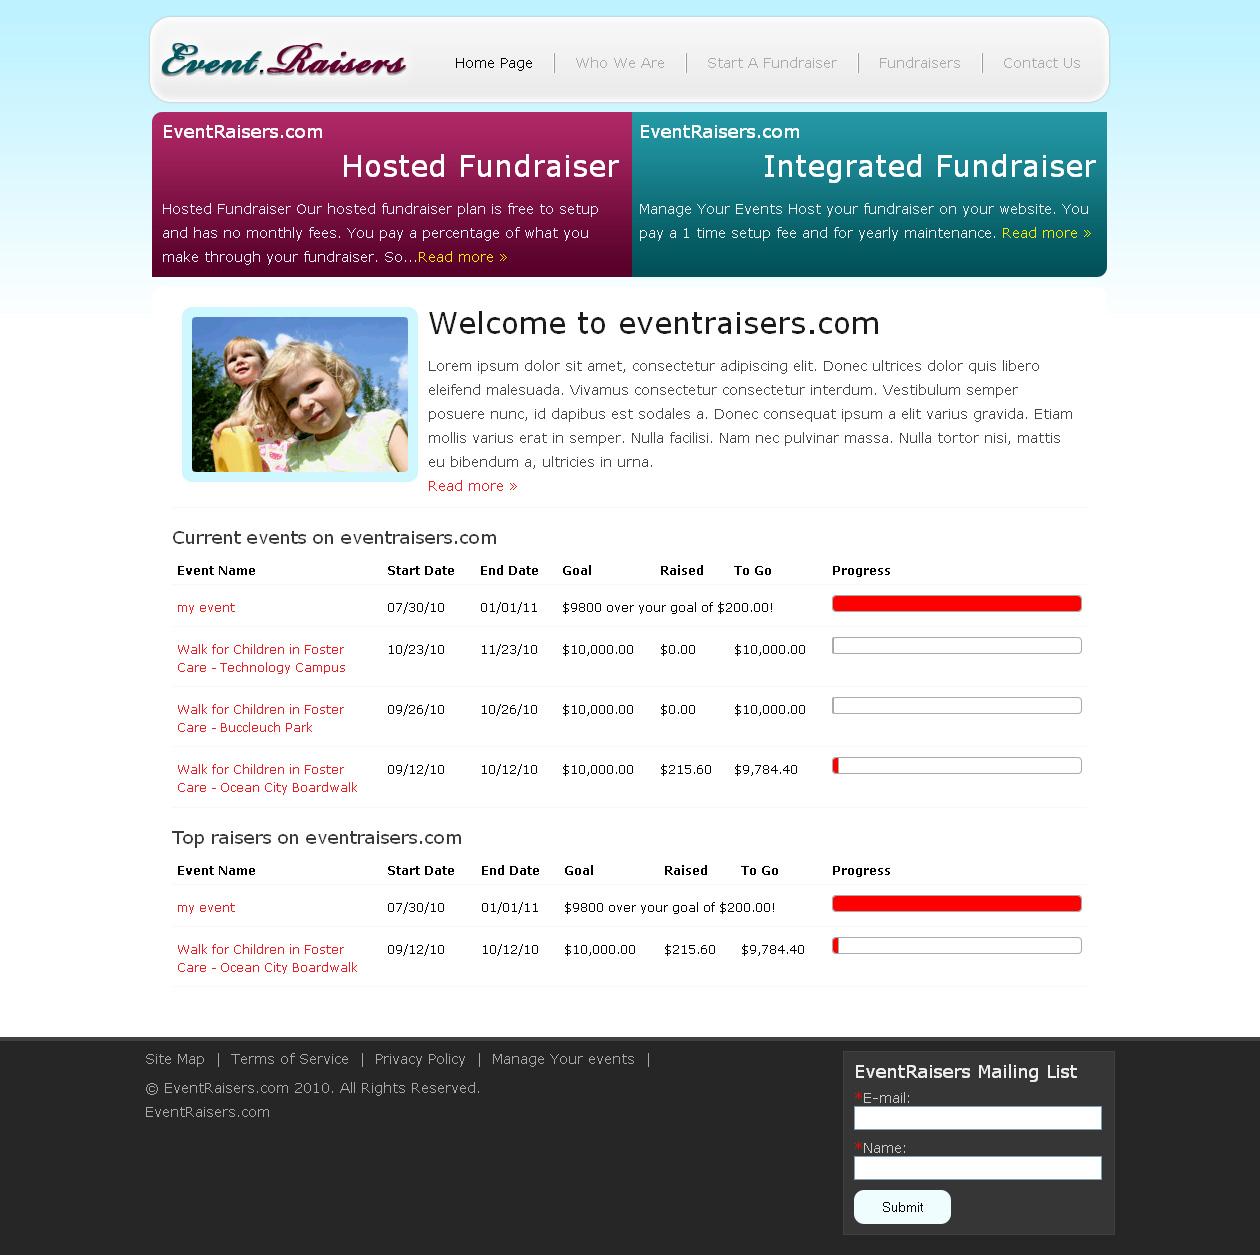 Eventraisers.com Free Online Fund Raiser Software